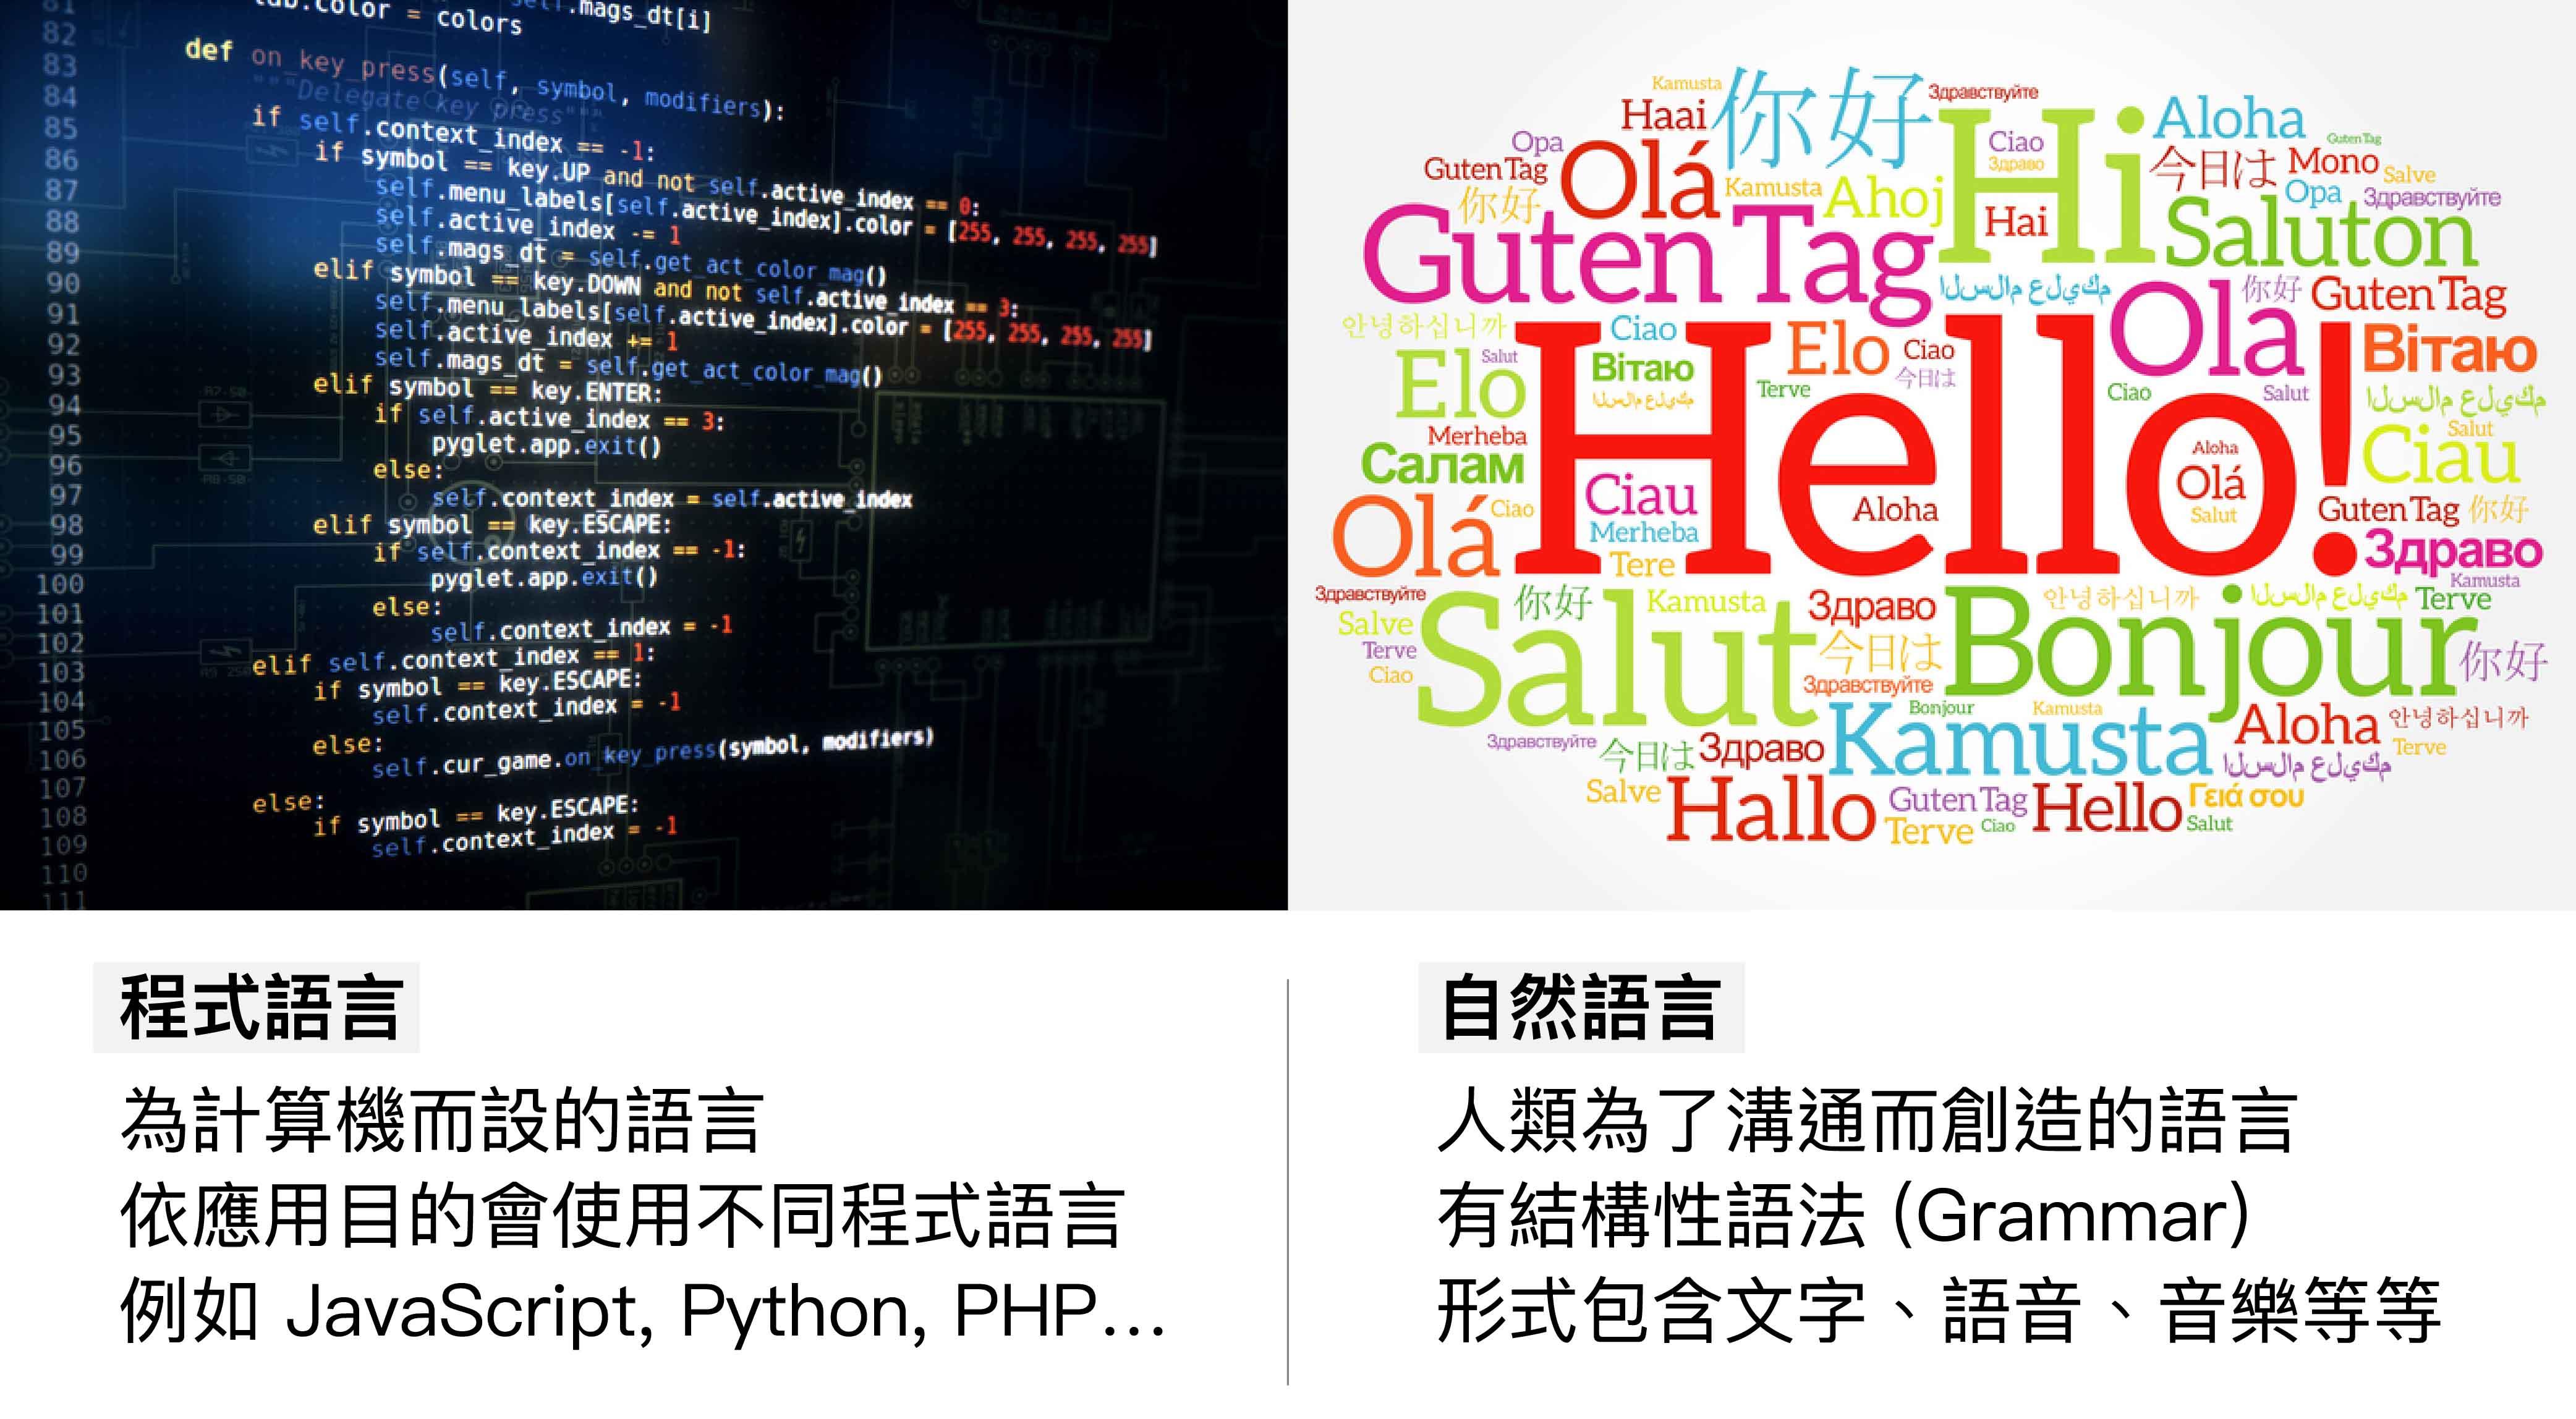 程式語言 vs. 自然語言圖│研之有物